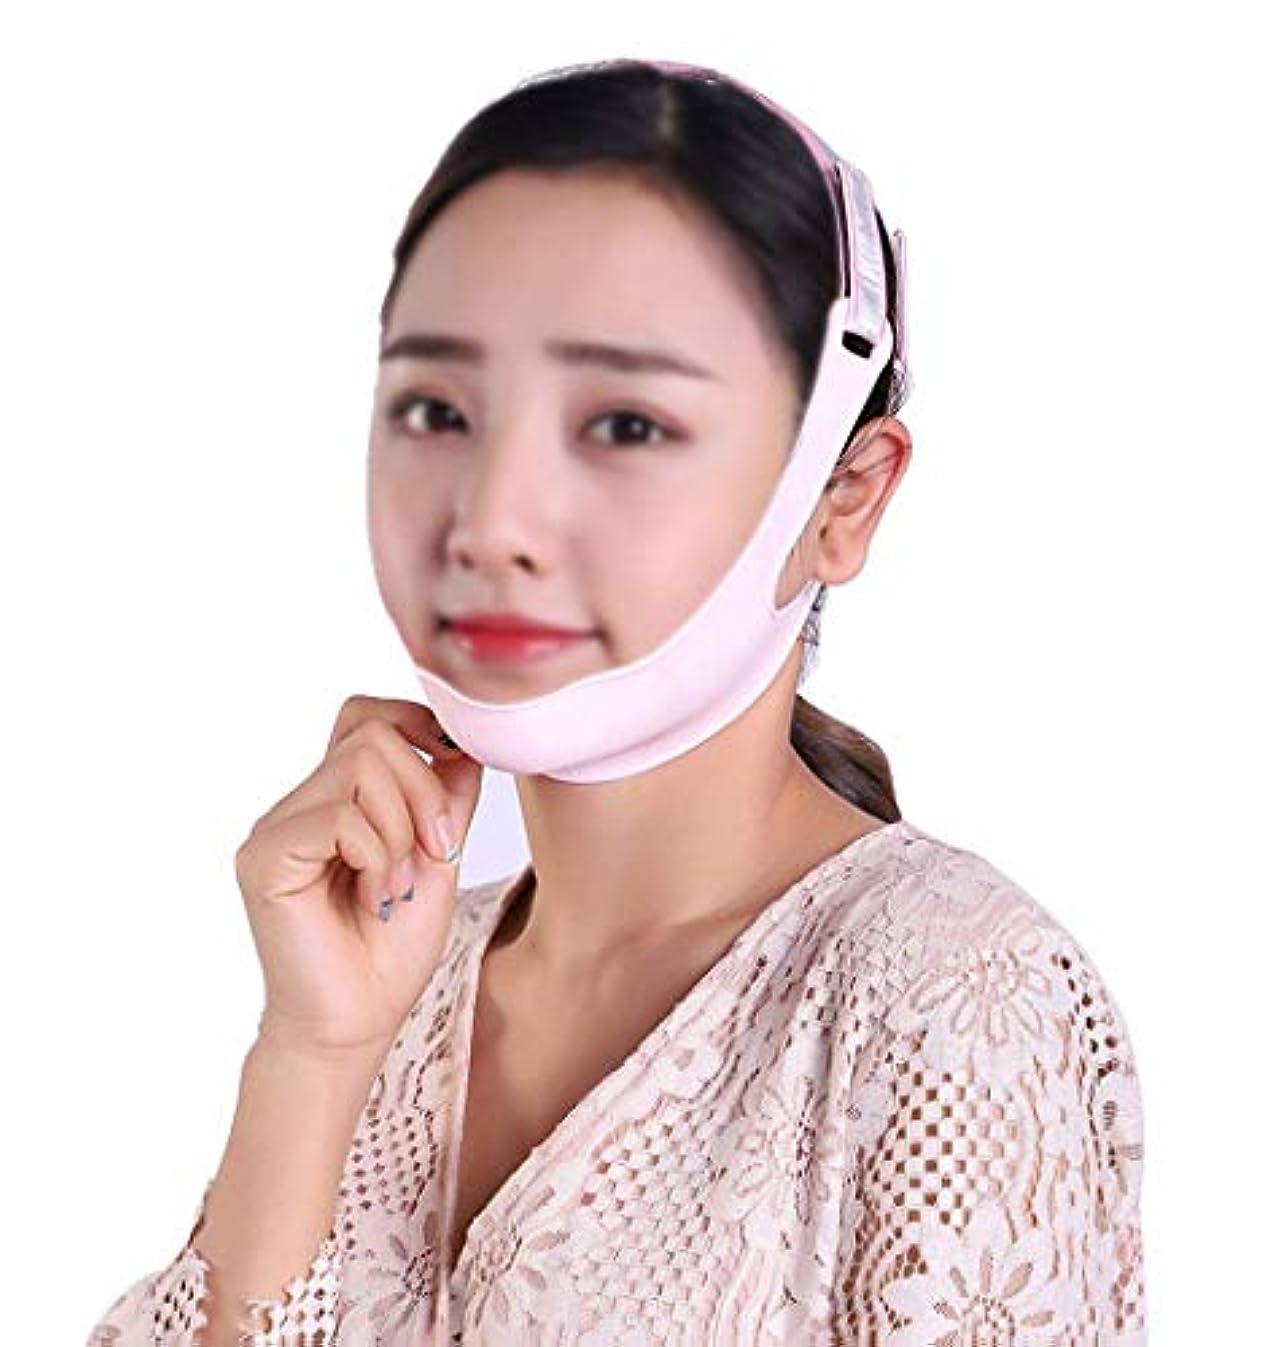 休日に刺します上下するフェイスリフトマスク、シリコンVフェイスマスクファーミング、リフティングフェイス、バンデージスモールVフェイスアーティファクトリラクゼーションフェイスアンドネックリフト(サイズ:L)